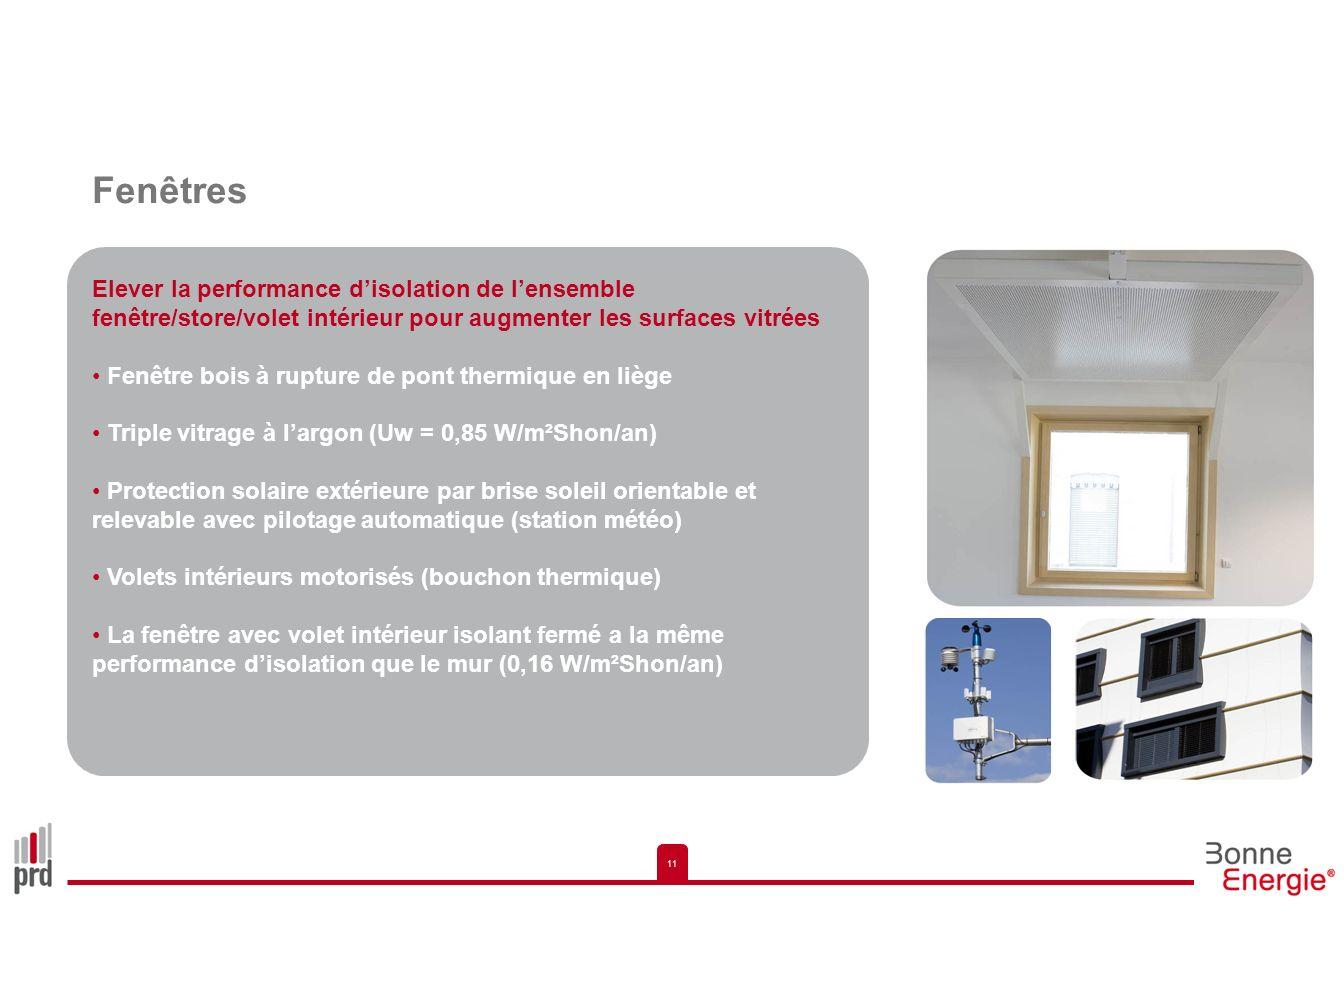 Immeuble de bureaux nergie positive ppt t l charger for Store interieur isolant thermique